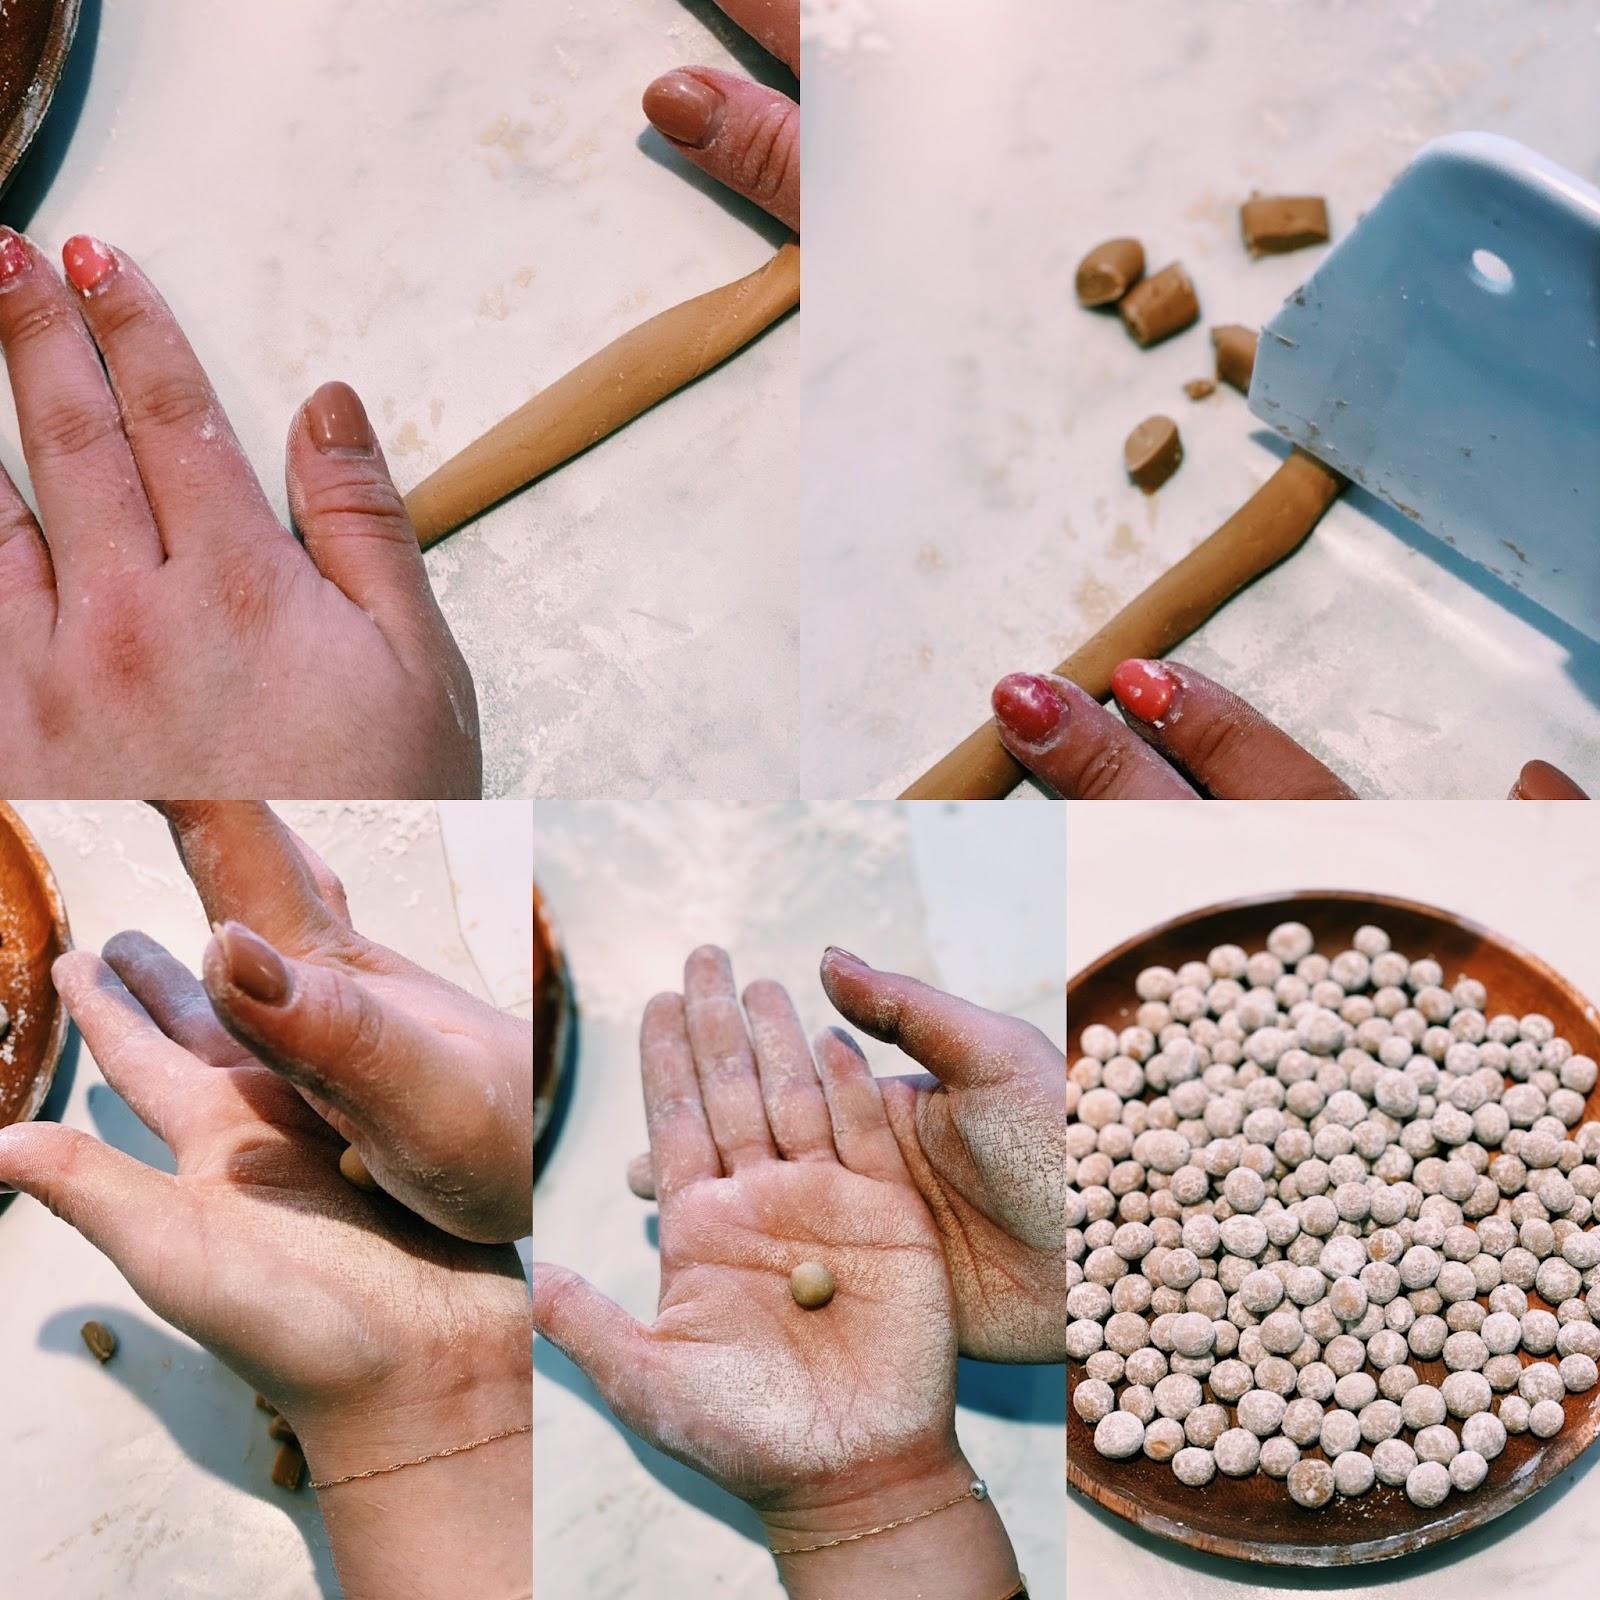 How to make Boba at home